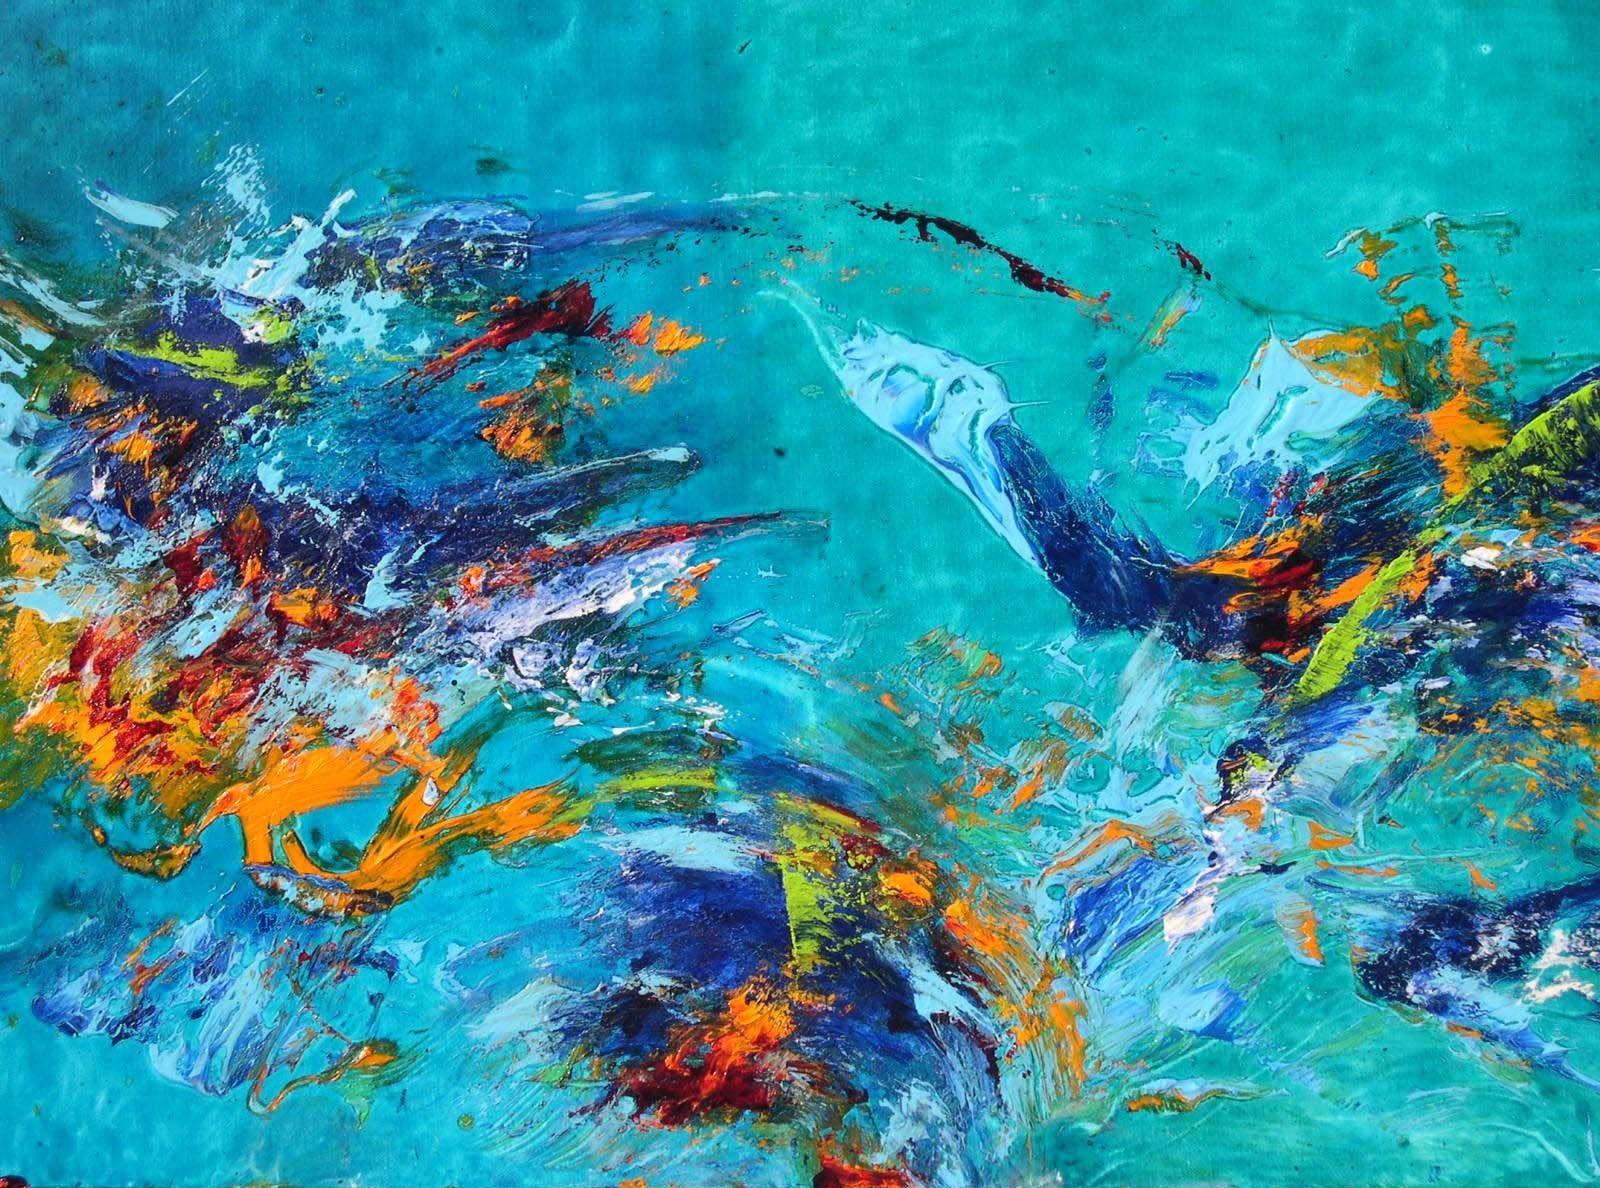 peinture art abstrait technique acrylique vitrail glycro - Peinture Acrylique Ou Glycero Difference